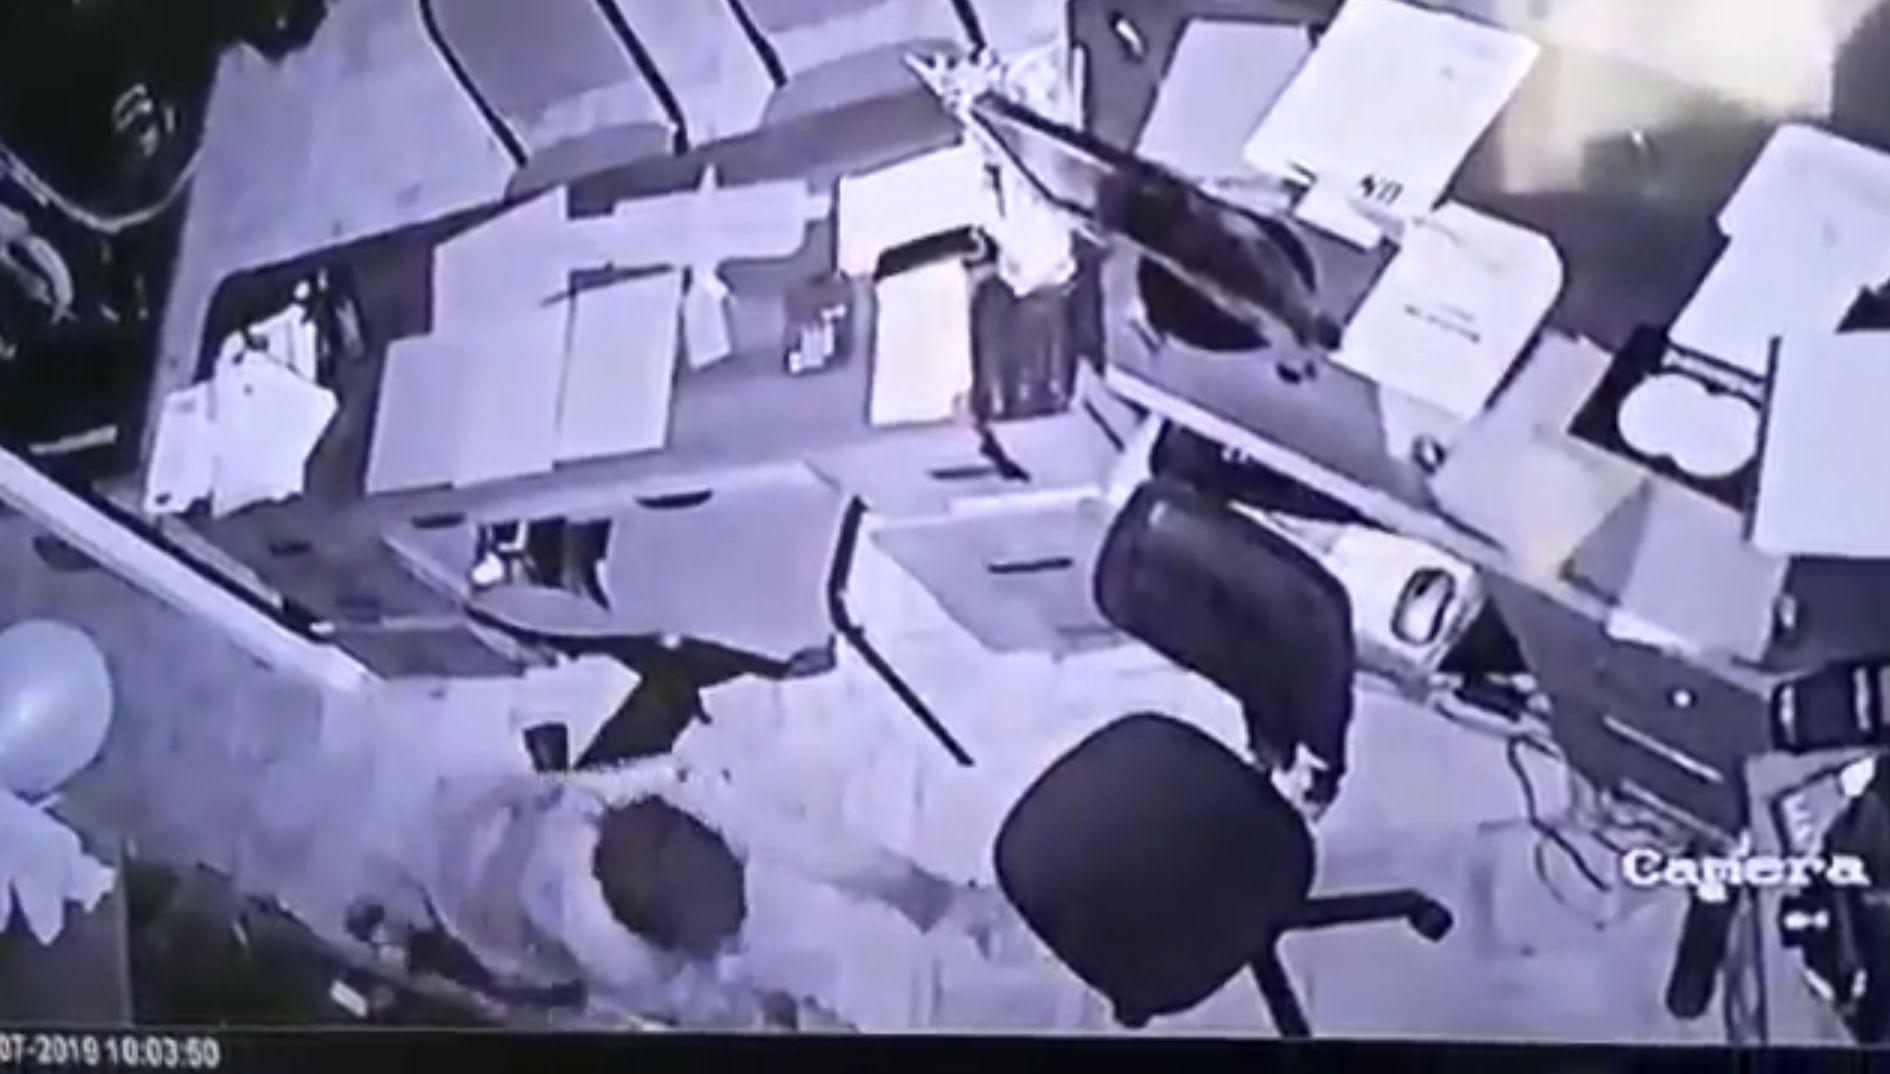 Cámaras de seguridad mostraron el momento en el que el ladrón estuvo rebuscando en los cajones de un escritorio al promediar las 2:30 a.m. (Captura RPP)